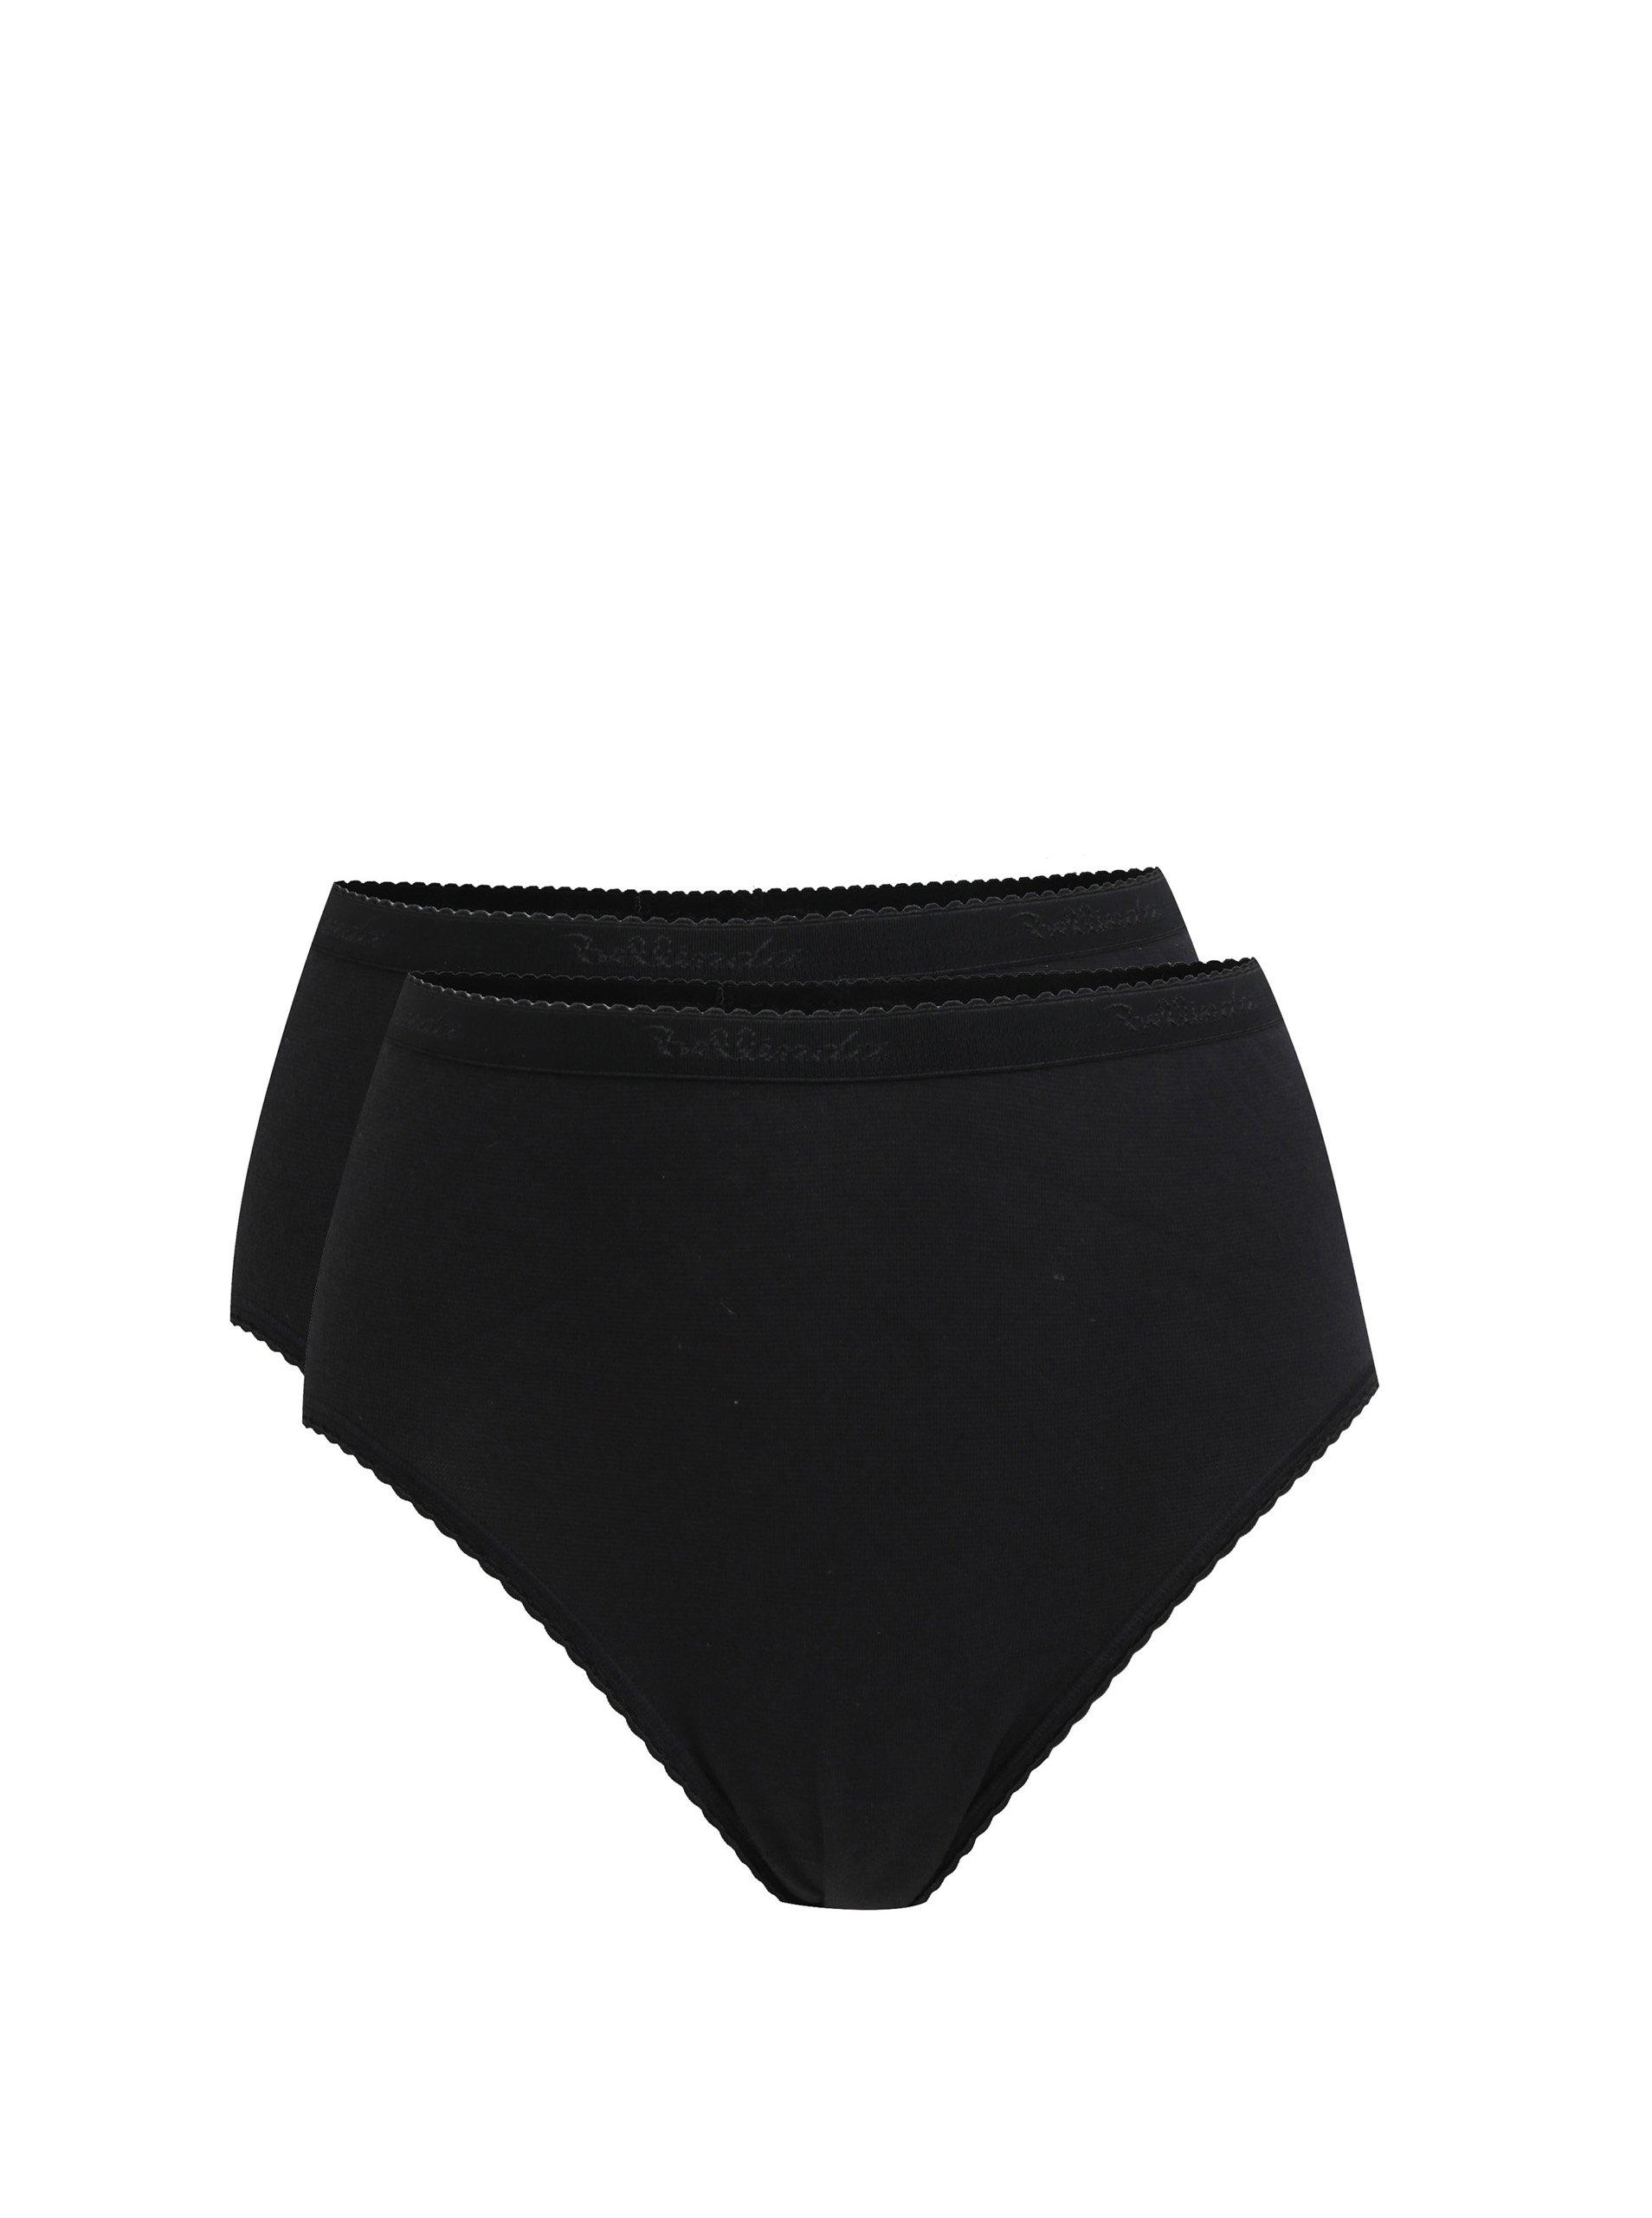 Sada dvou kalhotek s vysokým sedem v černé barvě Bellinda